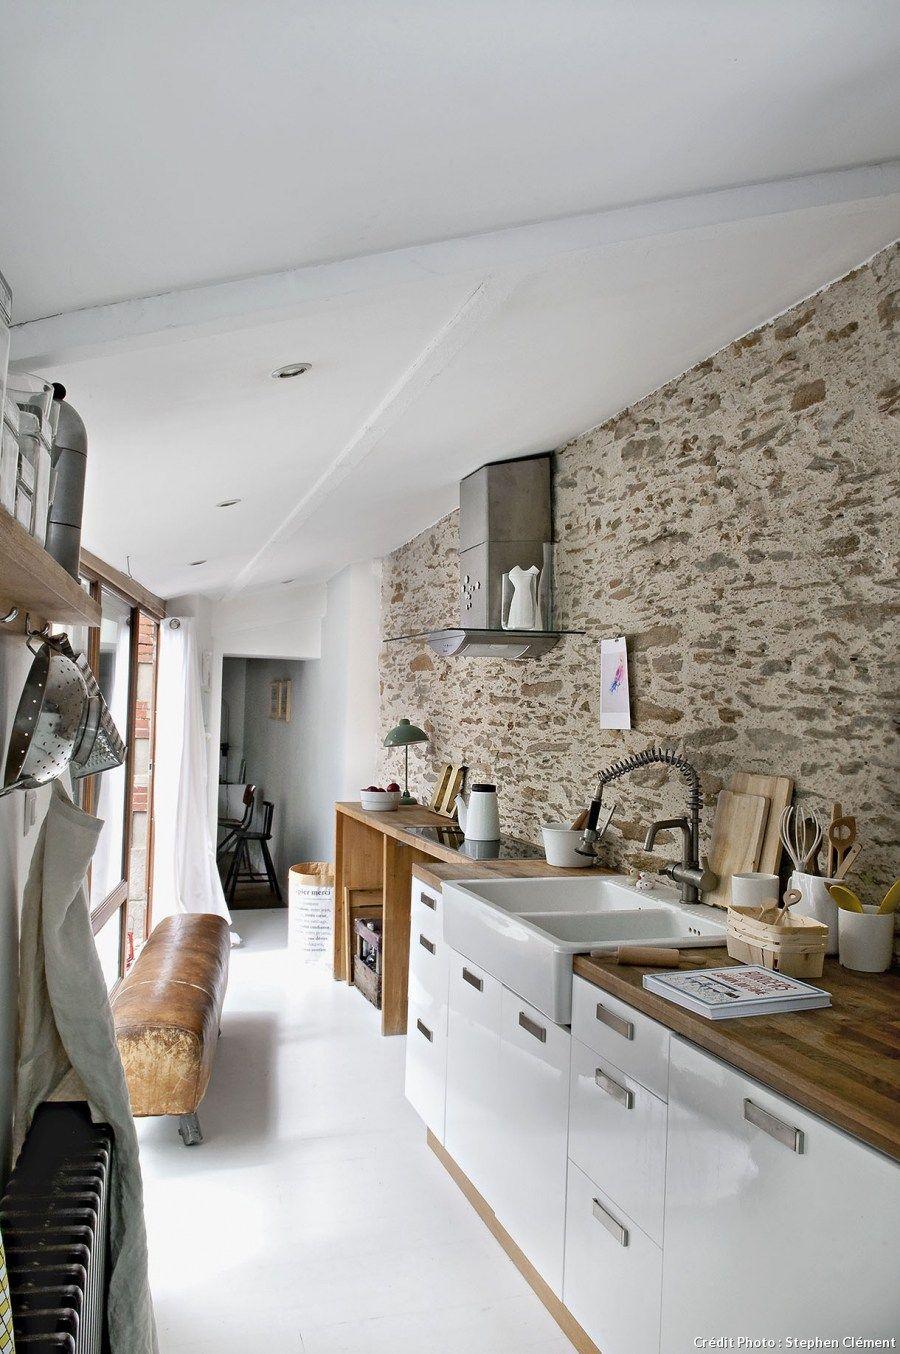 Cuisine Moderne Dans Maison En Pierre: Une Ancienne Maison De Pêcheurs